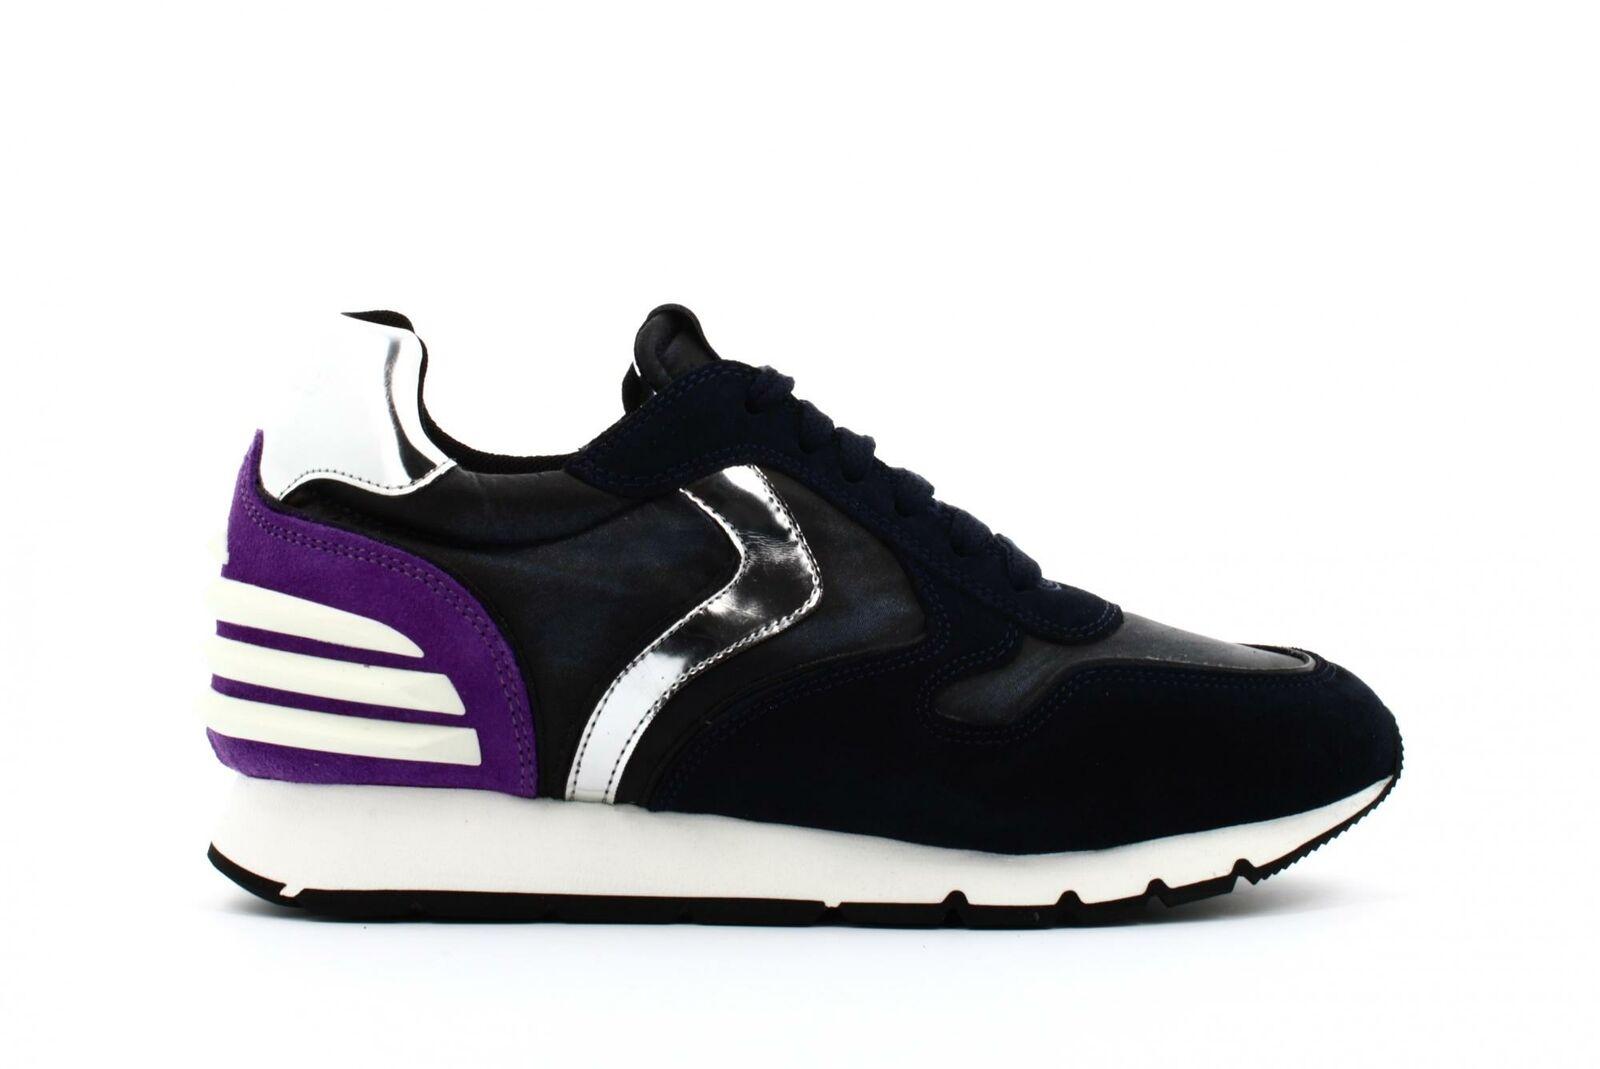 Voile whitehe A19g shoes frau turnshoes 0012014292.01.1C19 JULIA